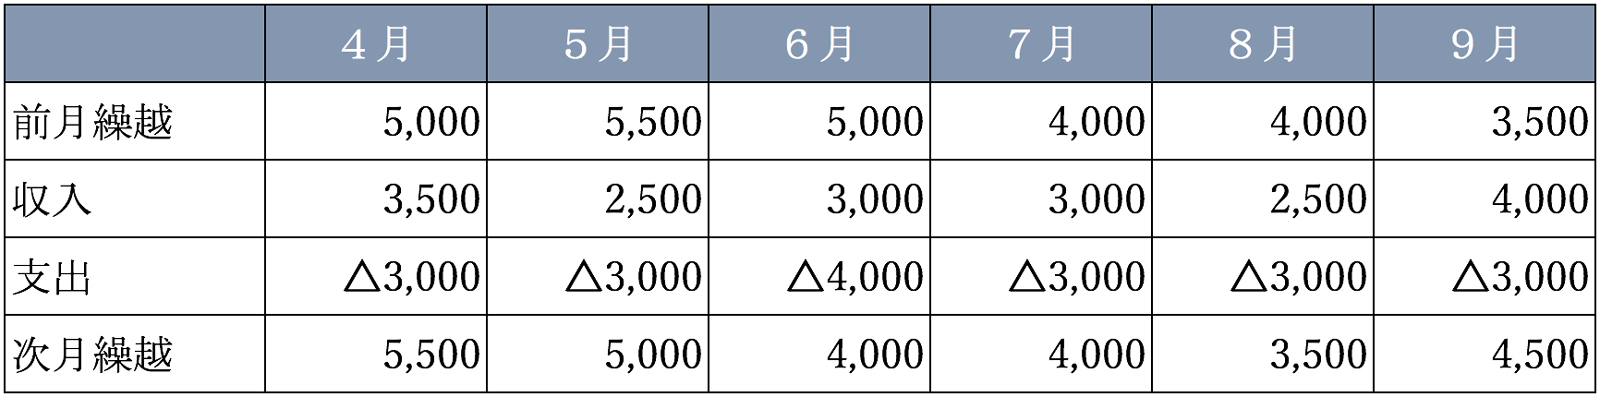 資金繰り表